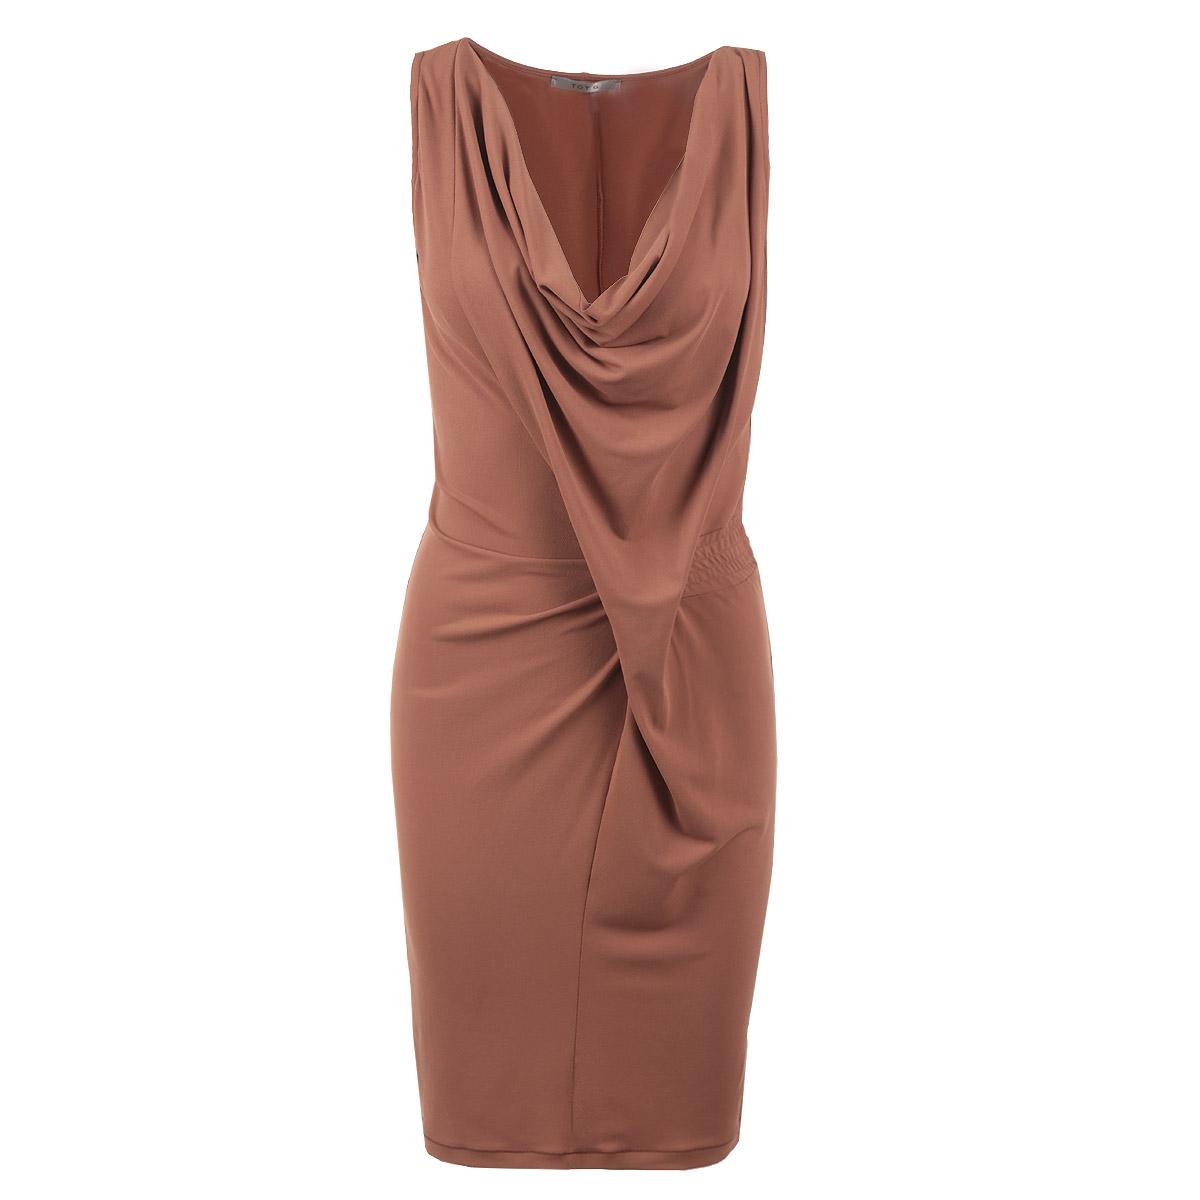 Платье Toy G, цвет: коричневый. 61D2H9. Размер M (46)